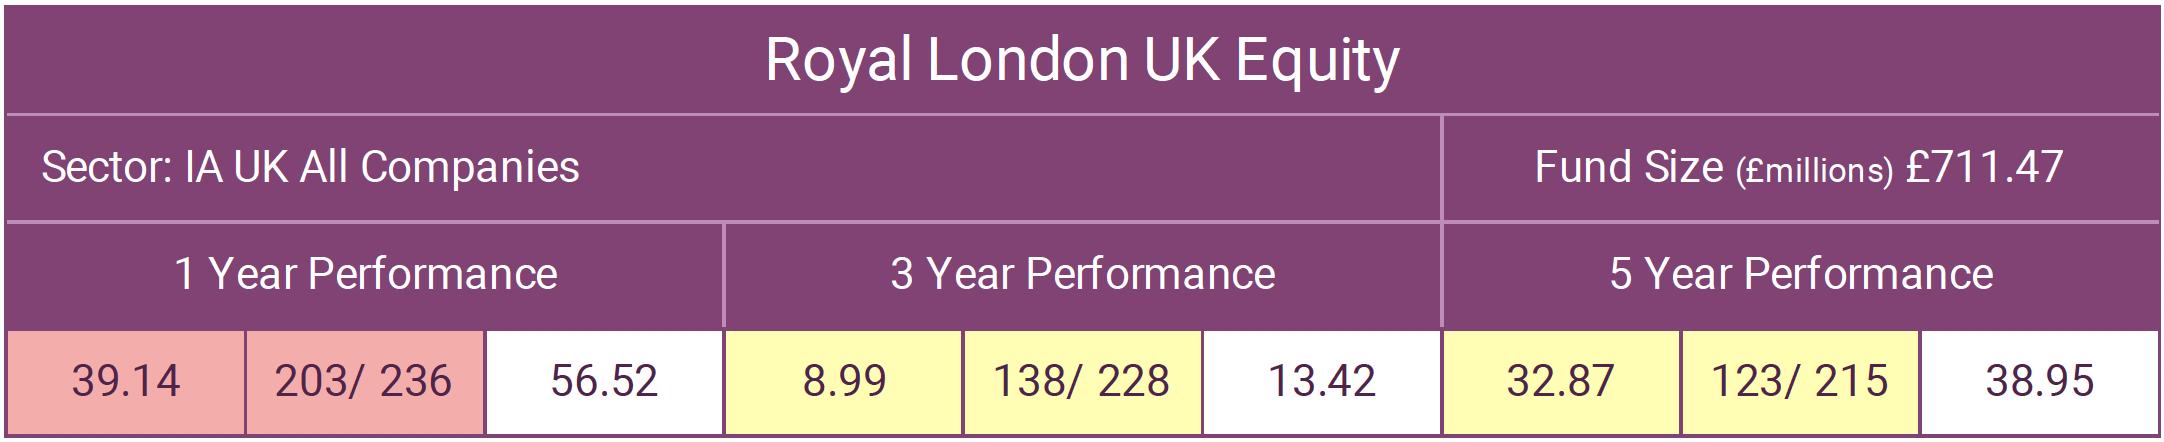 RL UK Equity